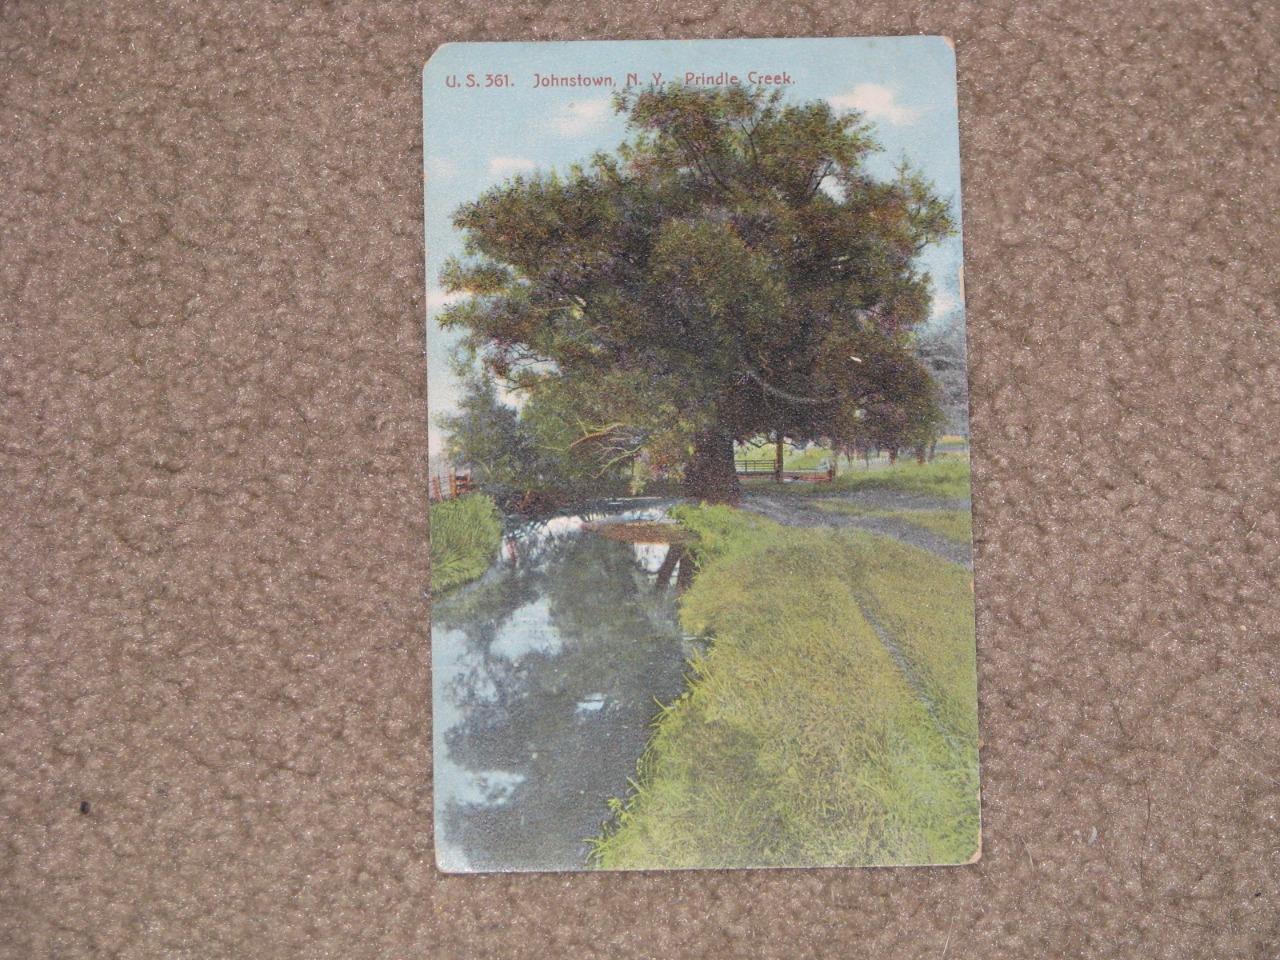 Prindle Creek, Johnstown, N.Y., used vintage card